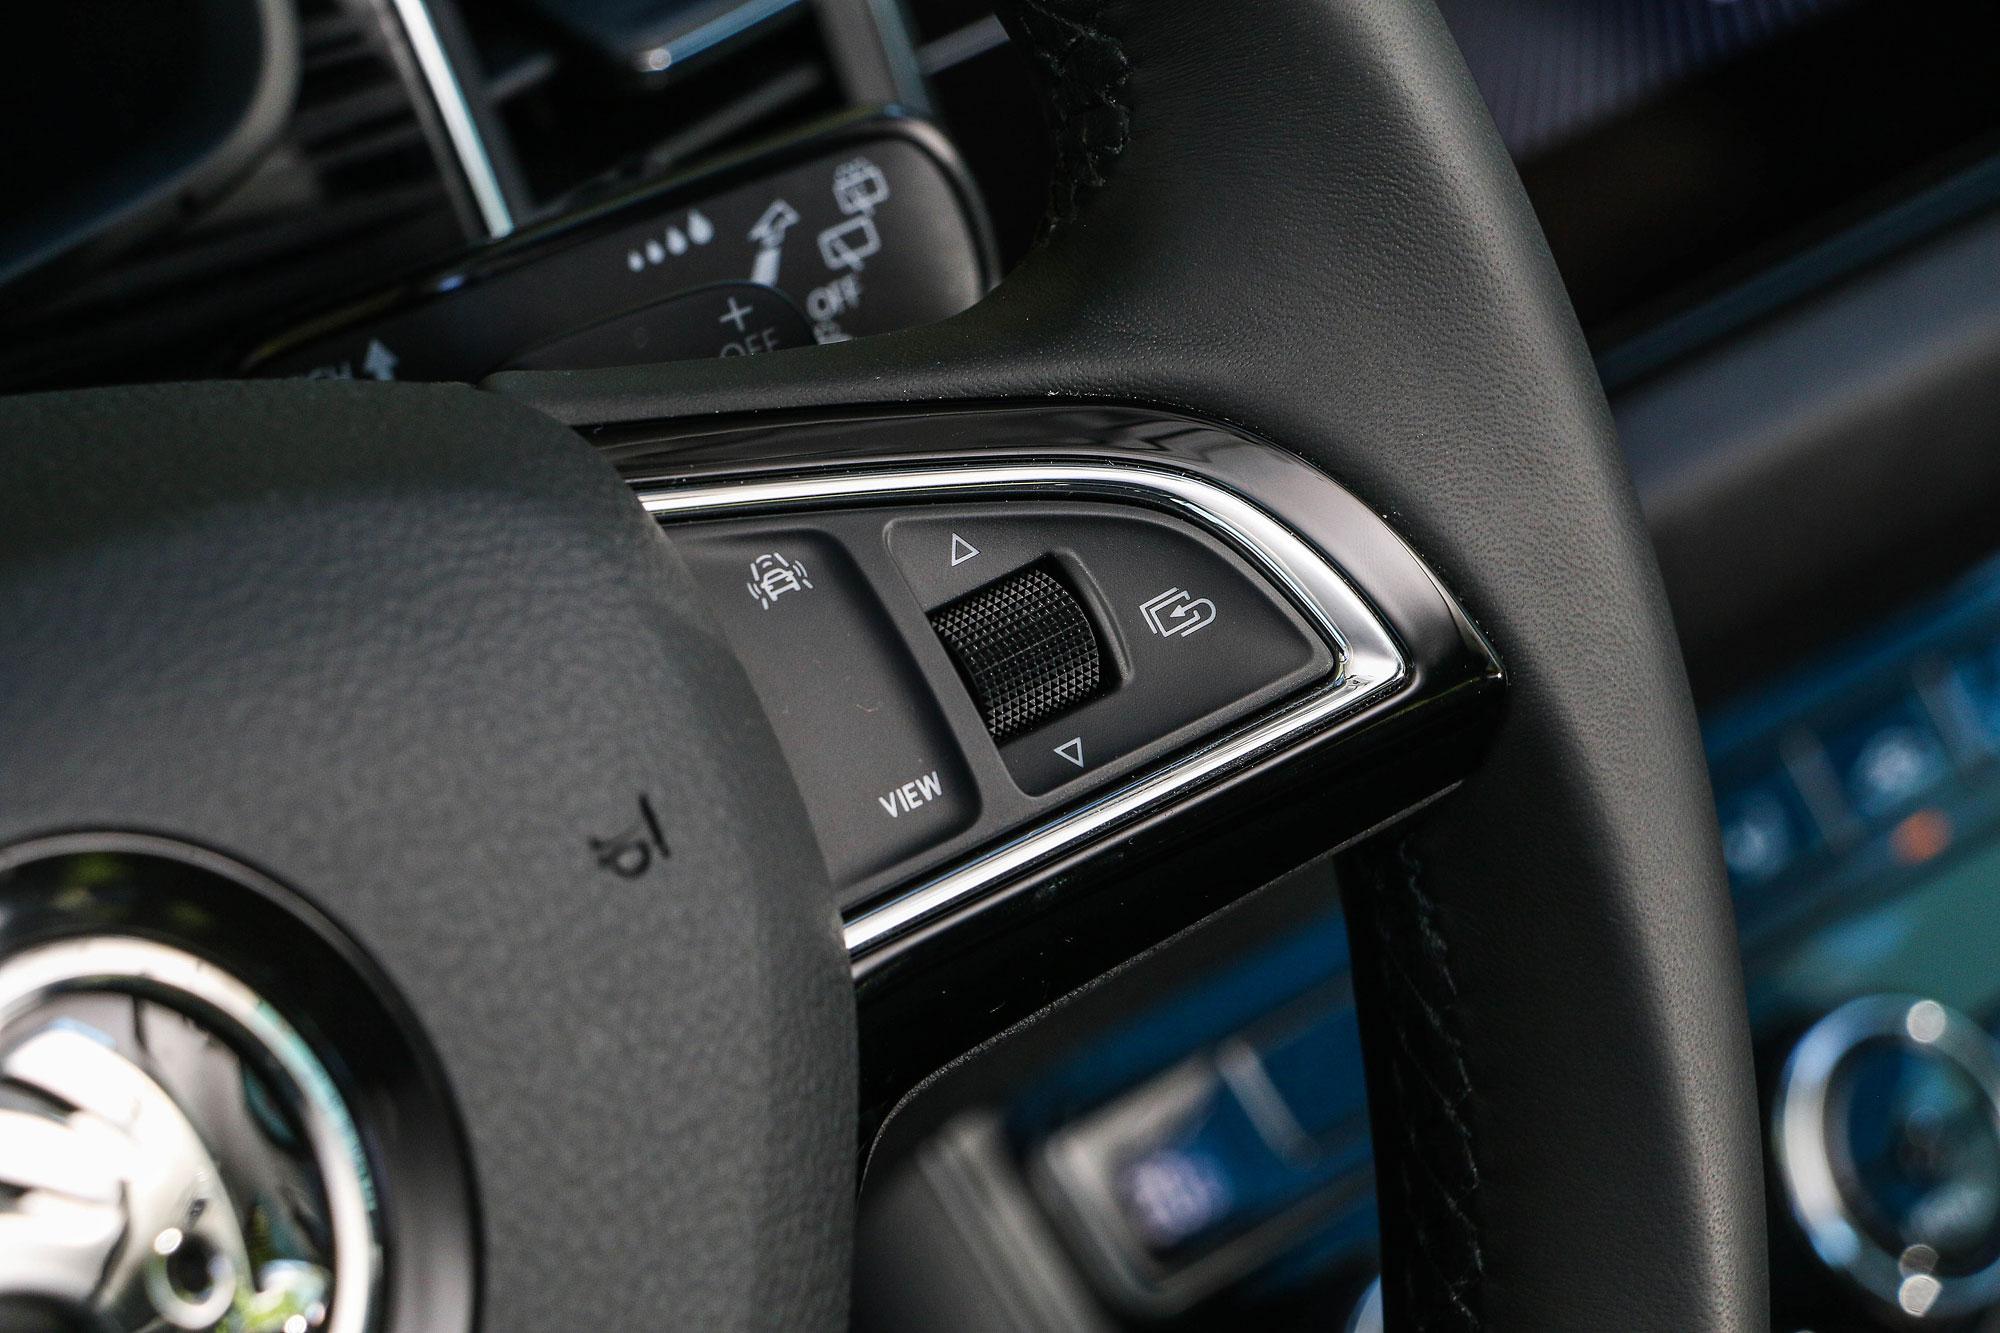 透過方向盤上的駕駛輔助系統快捷按鈕,就可叫出設定選單,選擇想要開啟的駕駛輔助系統。